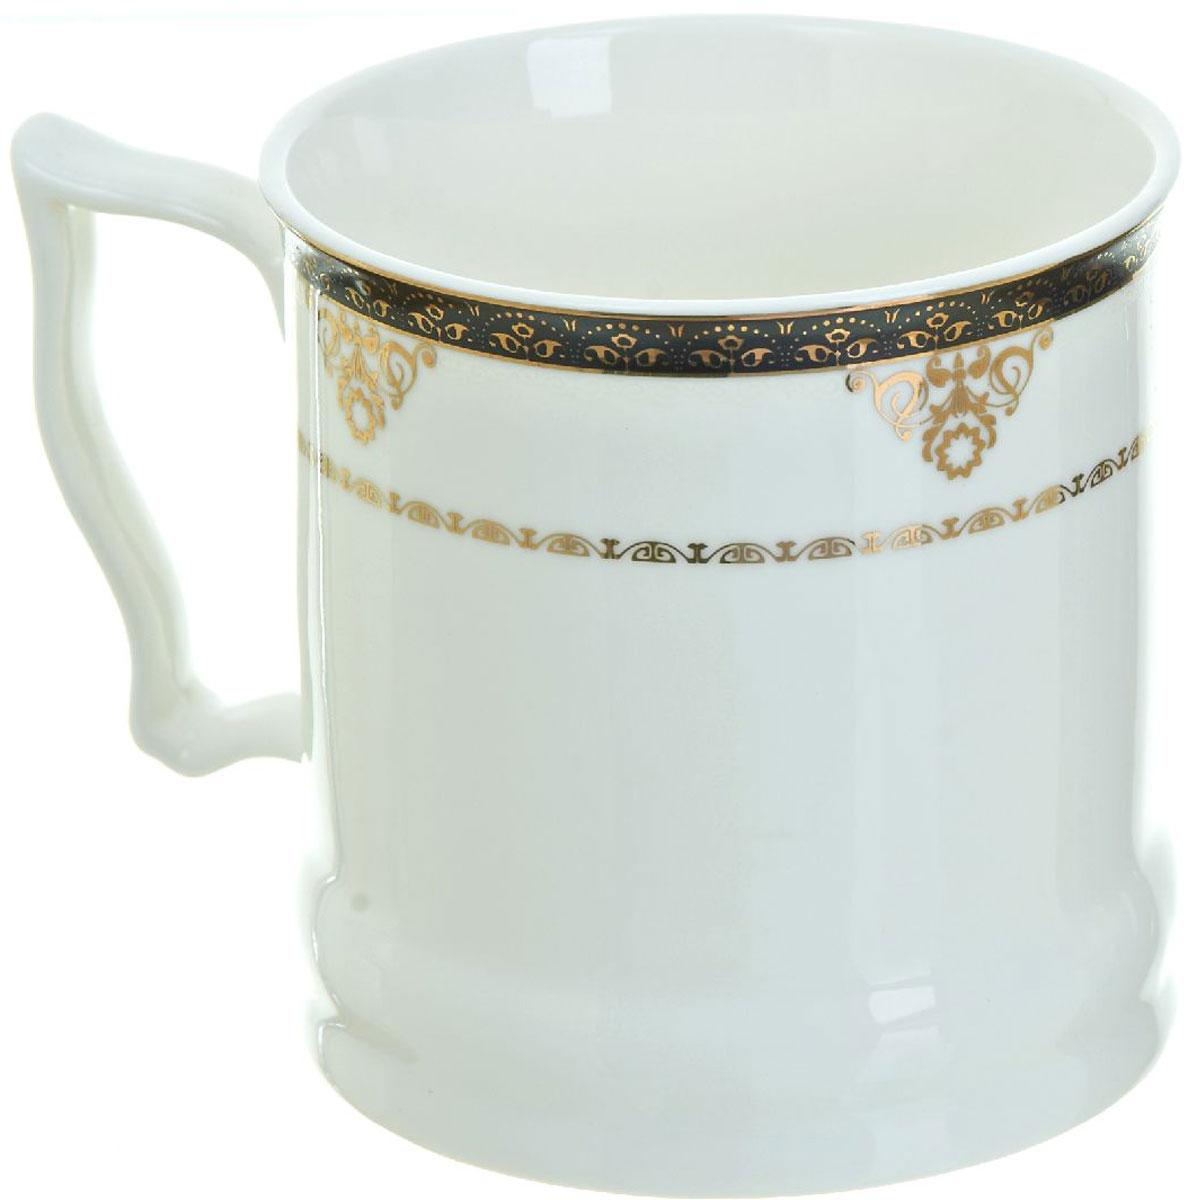 Кружка BHP Королевская кружка, 500 мл. 1870007115510Оригинальная кружка Best Home Porcelain, выполненная из высококачественного фарфора, сочетает в себе простой, утонченный дизайн с максимальной функциональностью. Оригинальность оформления придутся по вкусу тем, кто ценит индивидуальность.Можно использовать в посудомоечной машине.